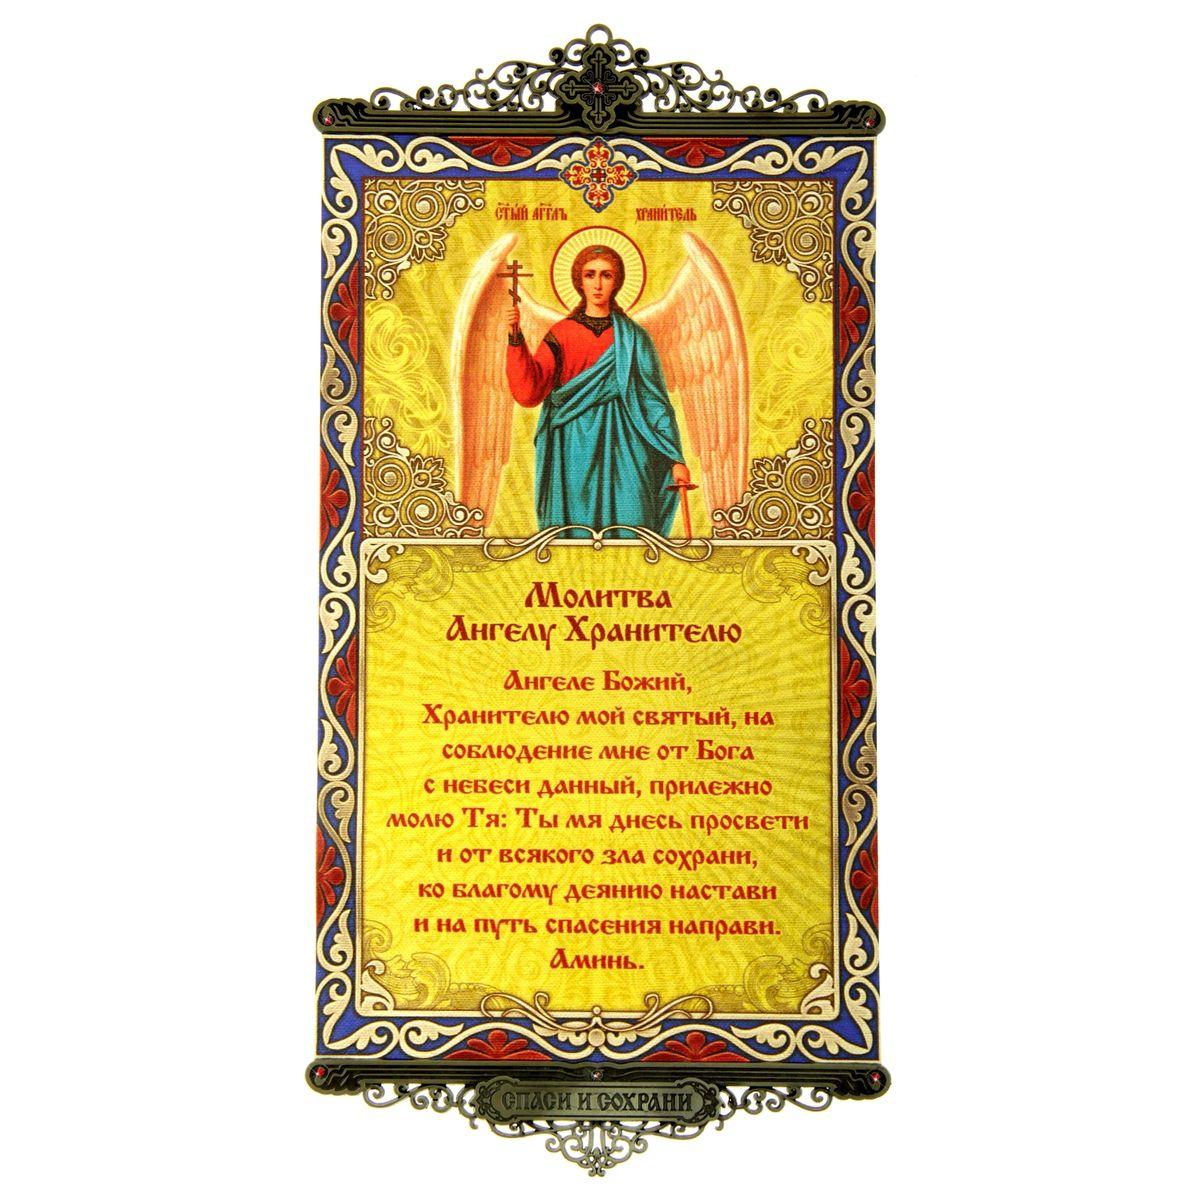 Икона с молитвой Молитва Ангелу Хранителю, на подвесах94672Икона с молитвой Молитва Ангелу Хранителю выполнена из плотного текстиля с нанесенным цветным рисунком, края декорированы ажурными металлическими вставками со стразами. Цветовая гамма и интерьер влияют на настроение каждого, именно поэтому так важны детали, которые нас окружают. Знатоки интерьерных решений стараются применять самые разнообразные решения при художественном оформлении внутреннего пространства и использовать все возможные материалы. Икона с молитвой на подвесах - это хорошее решение для интерьера по выгодной цене!